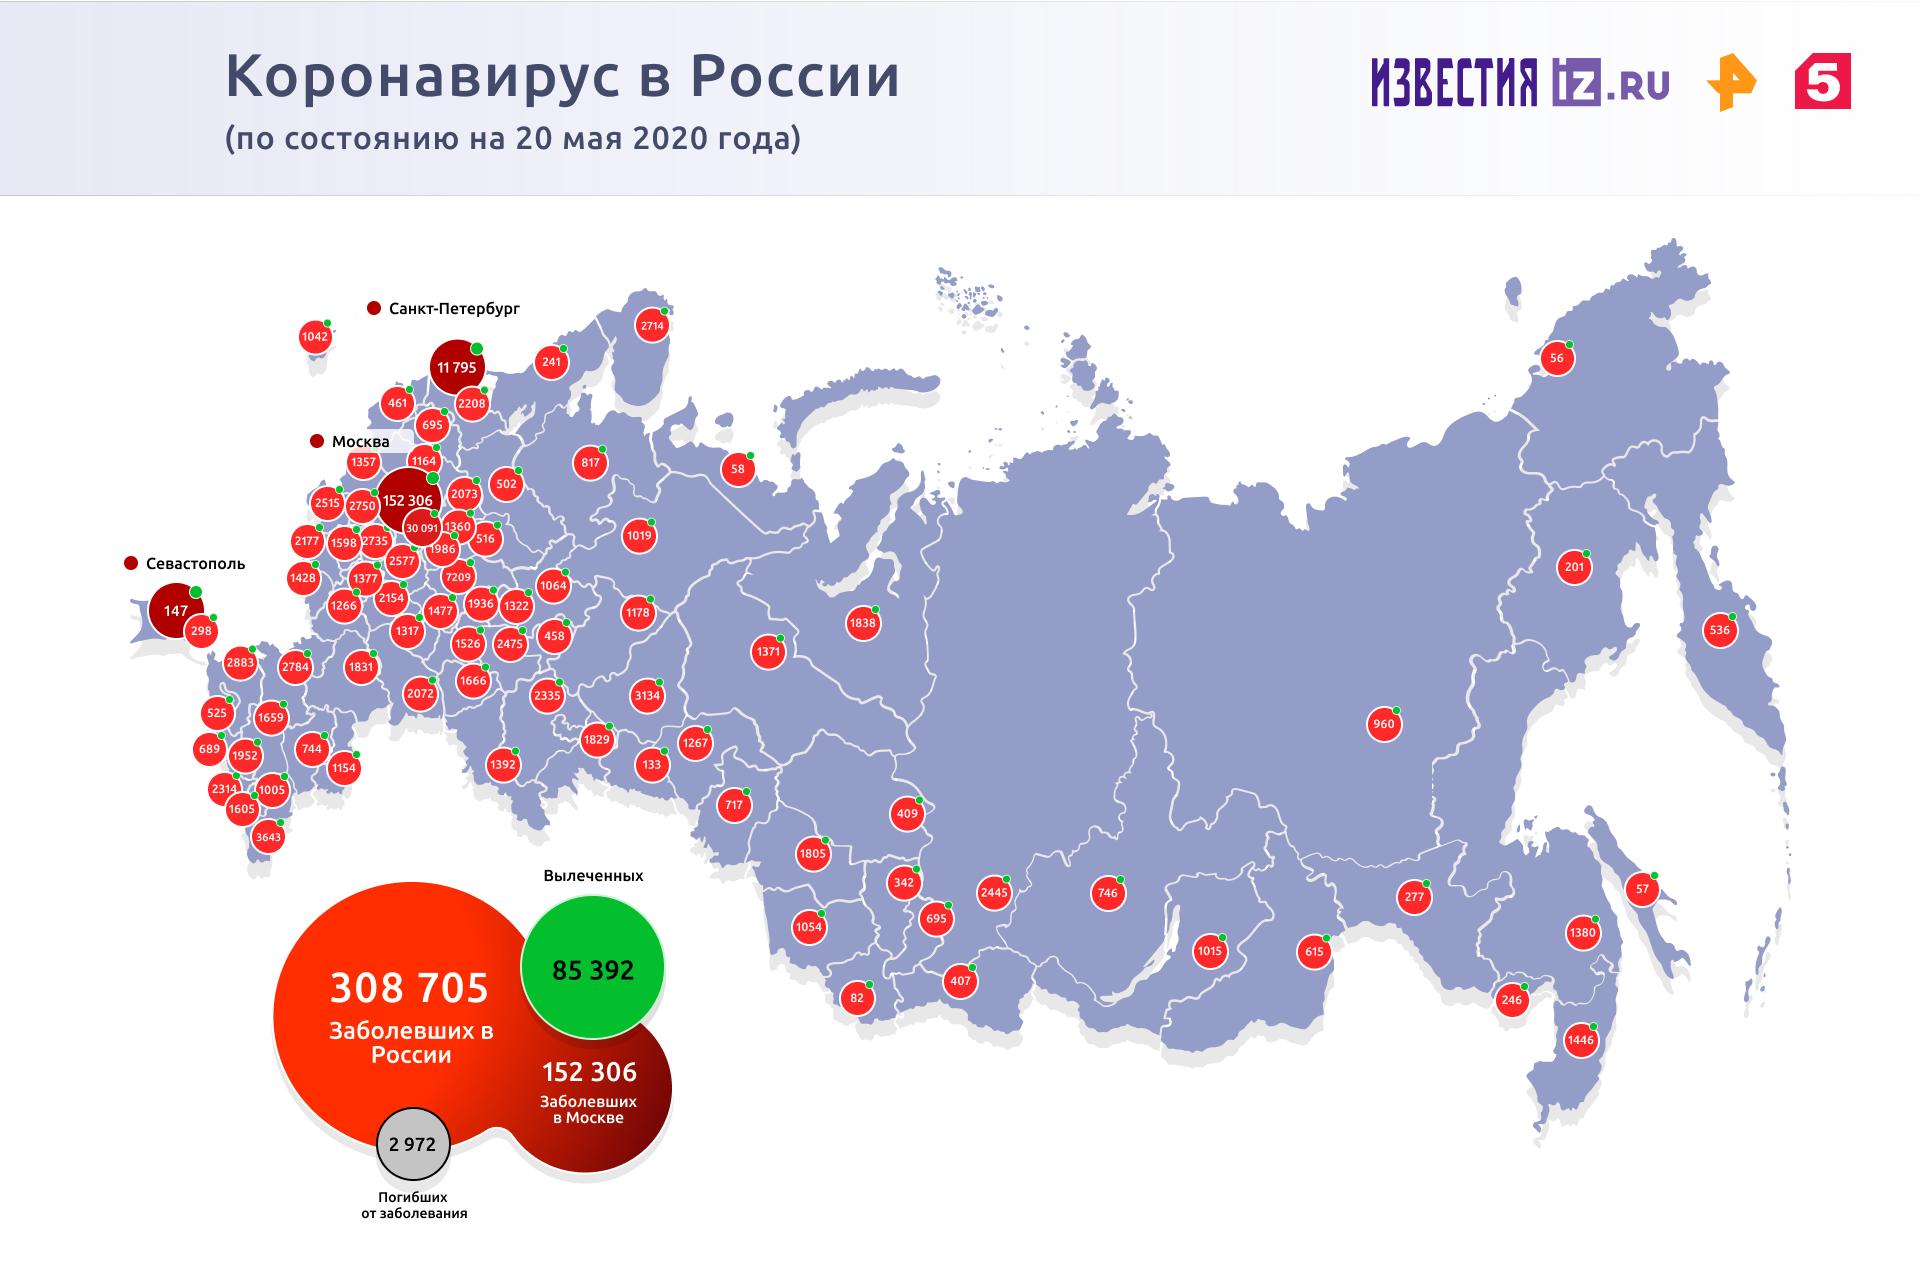 Москвичи смогут увидеть результат анализа на коронавирус в электронной карте